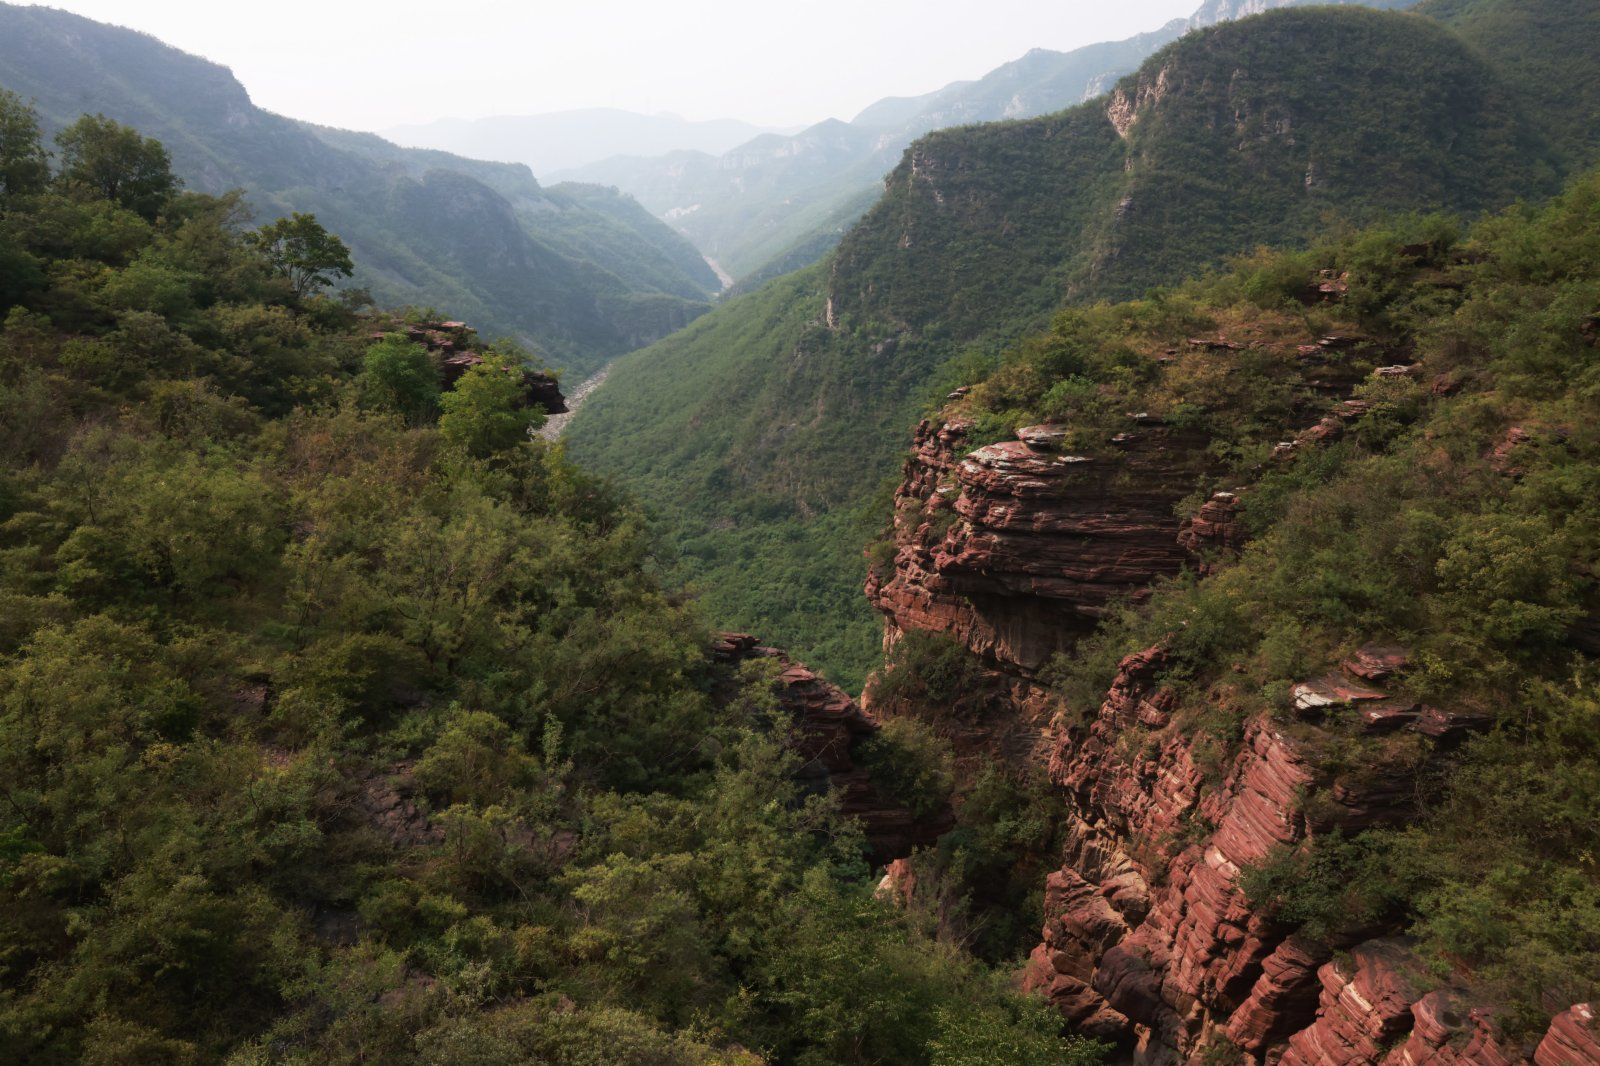 這是6月10日在雲台山紅石峽景區拍攝的峽谷景觀。(新華社)